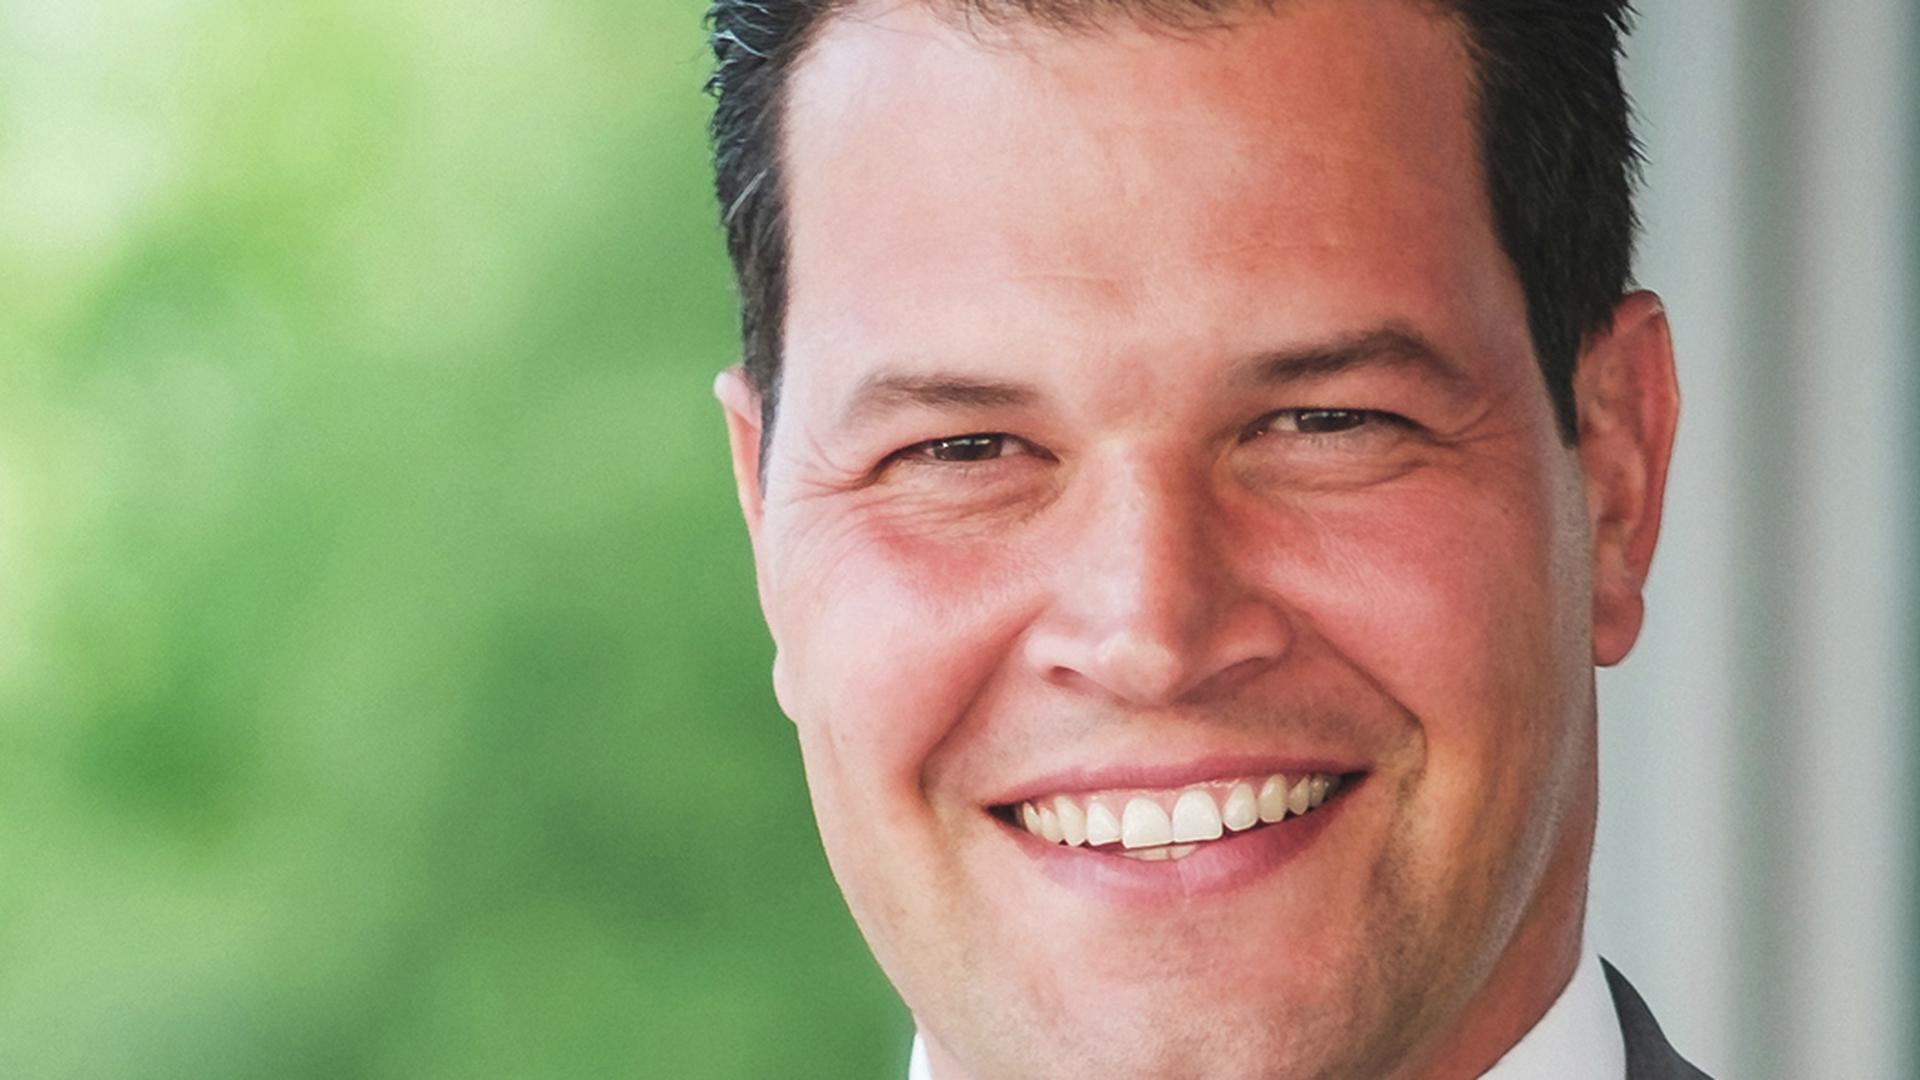 """Treut wechselt die Seiten: Aaron Treut, früherer Brettener OB-Kandidat und Ortsvorsteher von Ruit, hat die CDU-Gemeinderatsfraktion verlassen und sitzt nun für """"die aktiven"""" im Gemeinderat der Melanchthonstadt."""